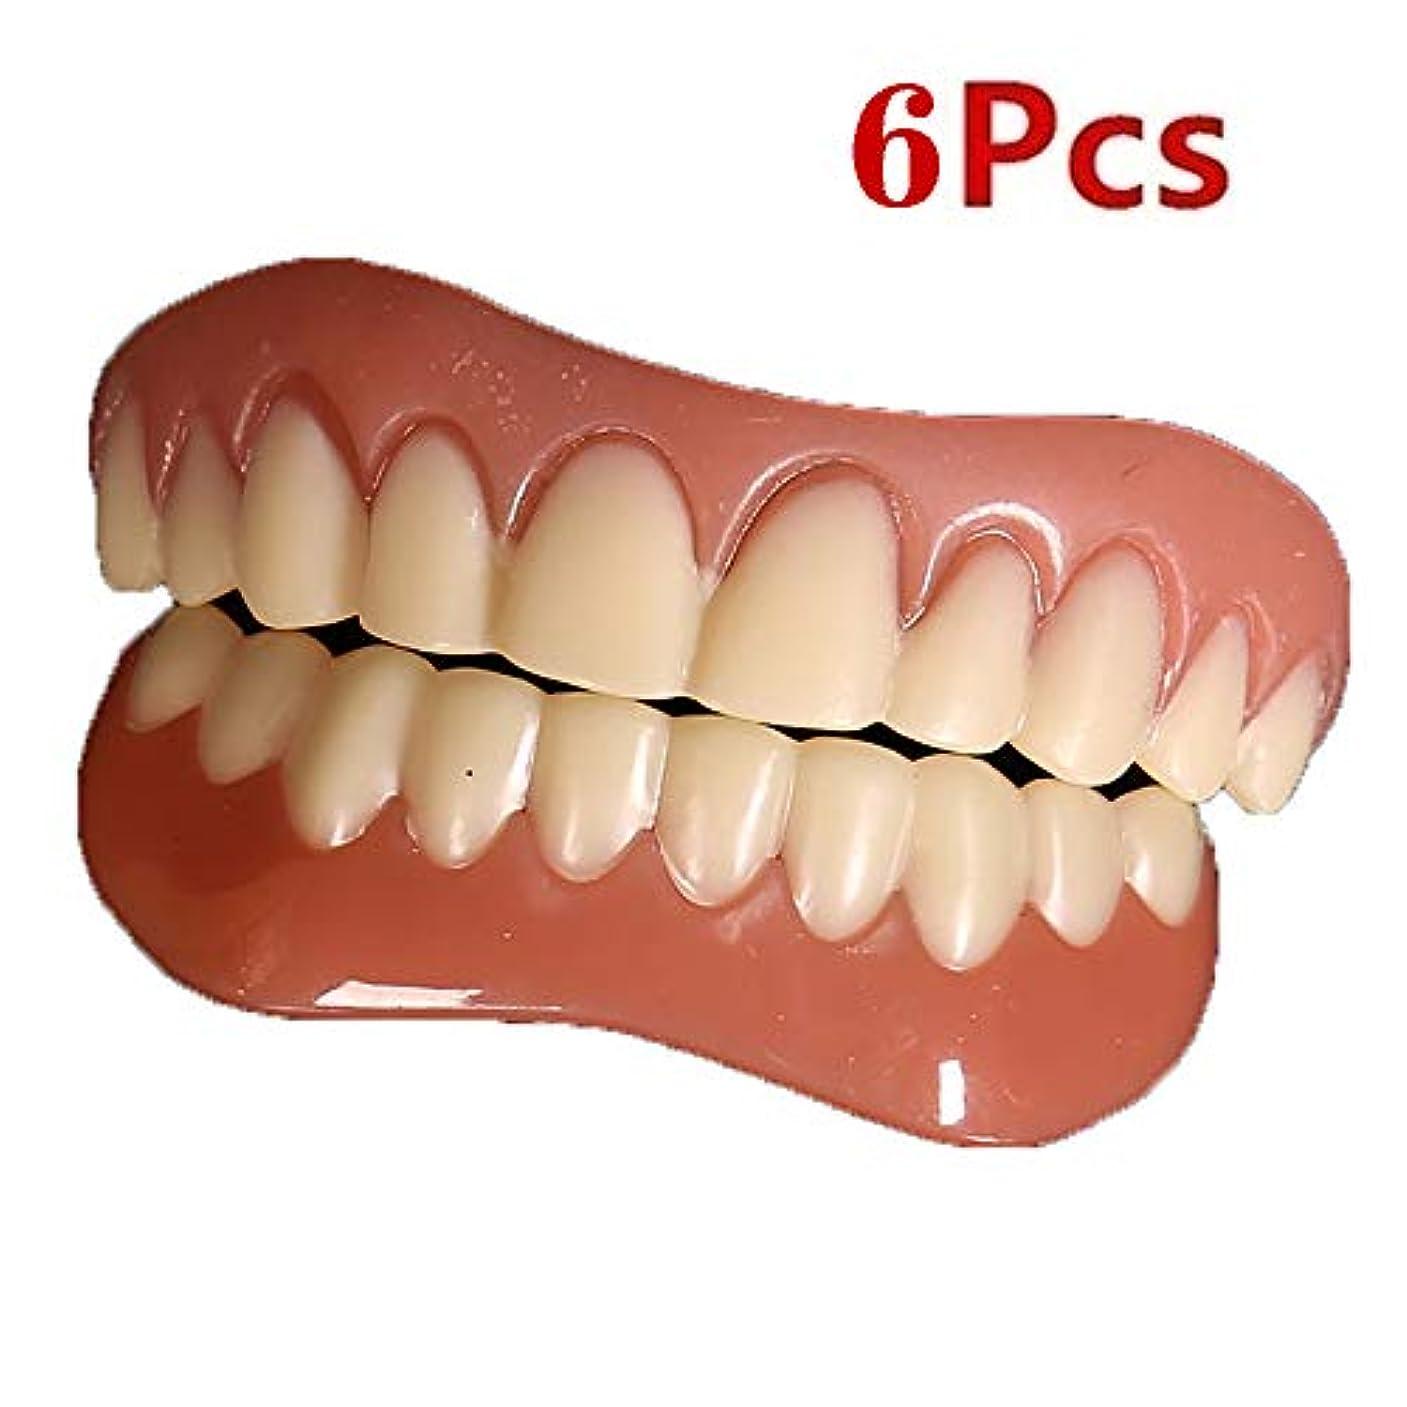 レルム結婚する粒即時の微笑の歯の上部のより低いベニヤの慰めの適合の歯のベニヤ、歯科ベニヤの慰めの適合の歯の上の化粧品のベニヤワンサイズはすべての義歯の接着剤の歯に入れます